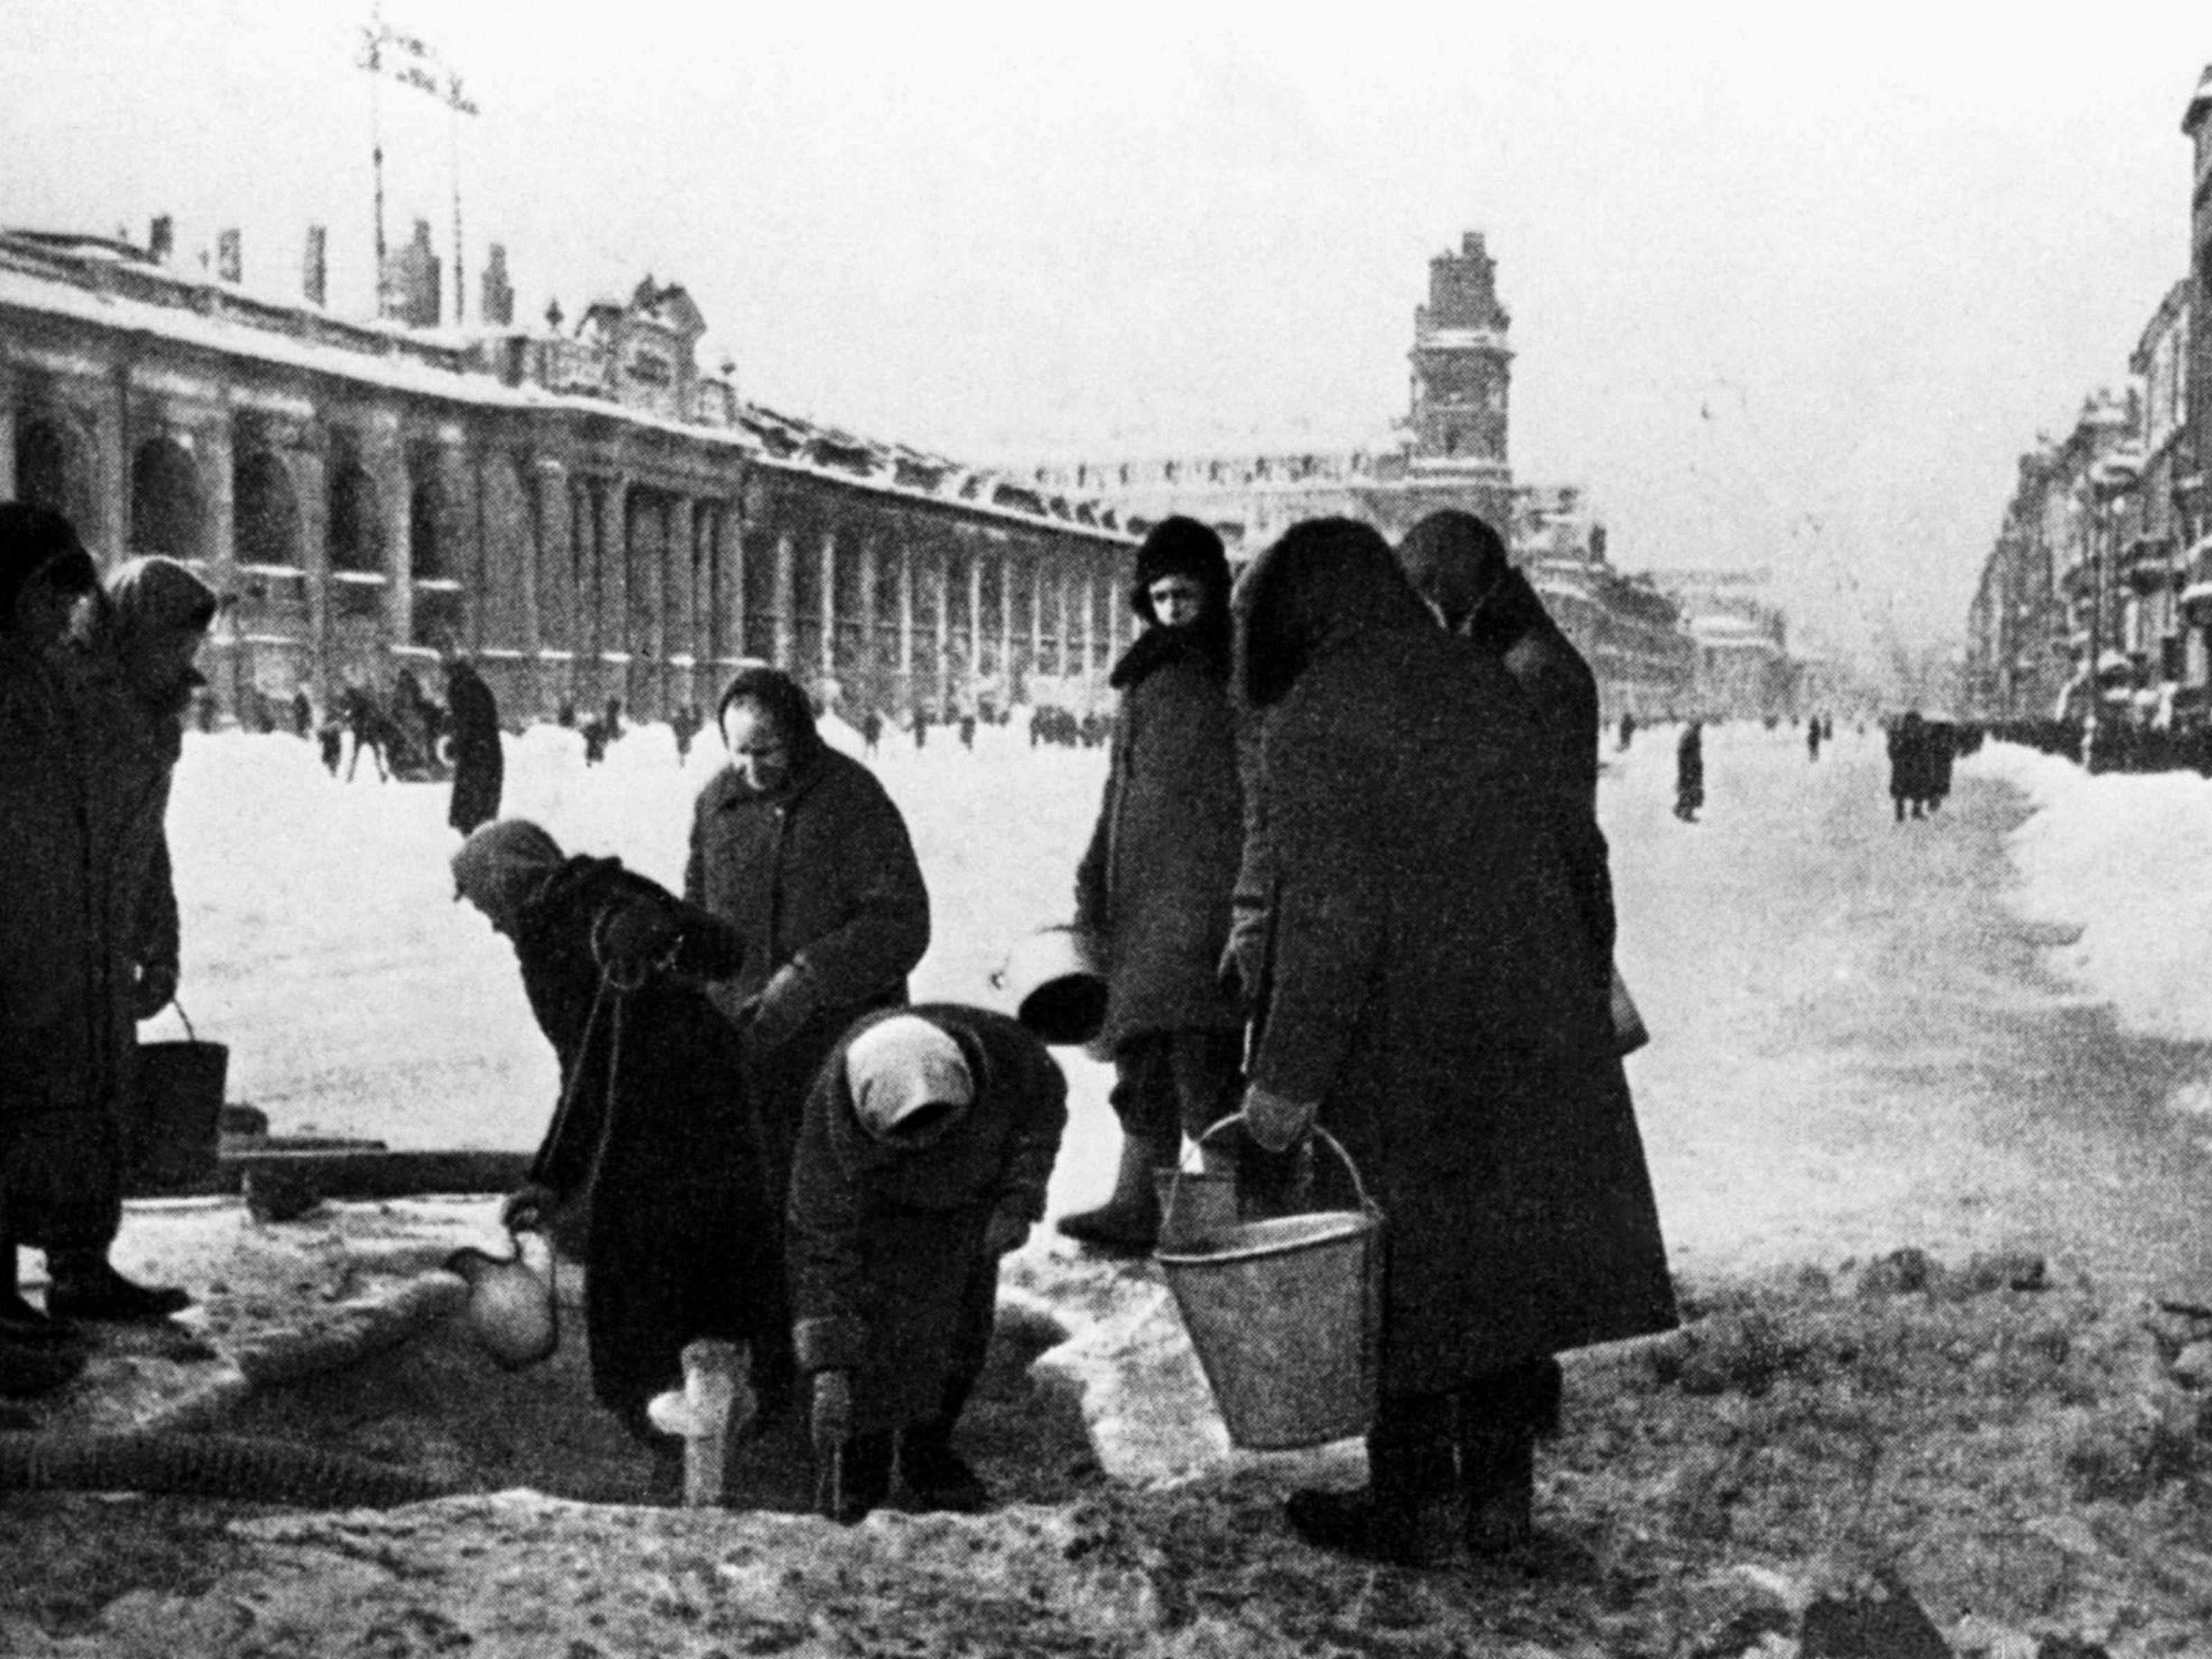 Блокада Ленинграда. Жители делают запасы воды из почти разрушенного трубопровода, 1941 год. Фото: Николай Адамович